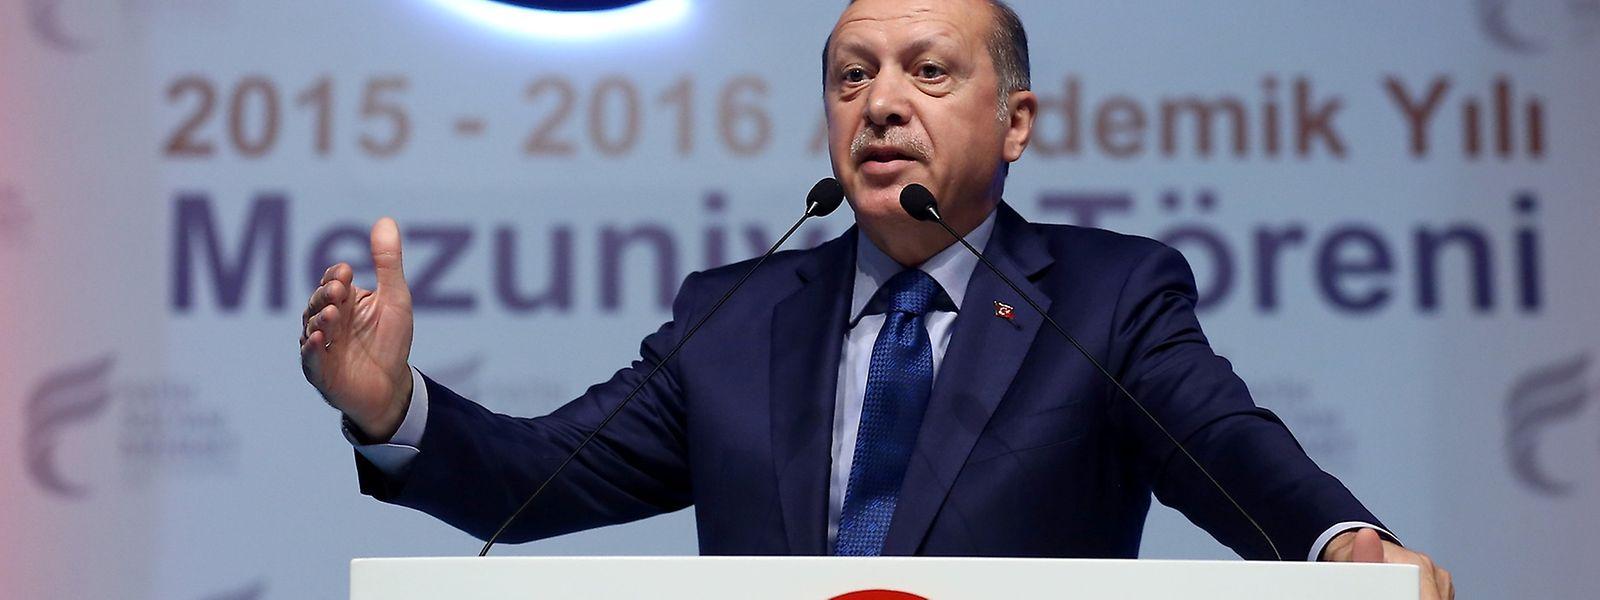 Erdogan droht der EU mit einem Referendum nach Brexit-Vorbild.